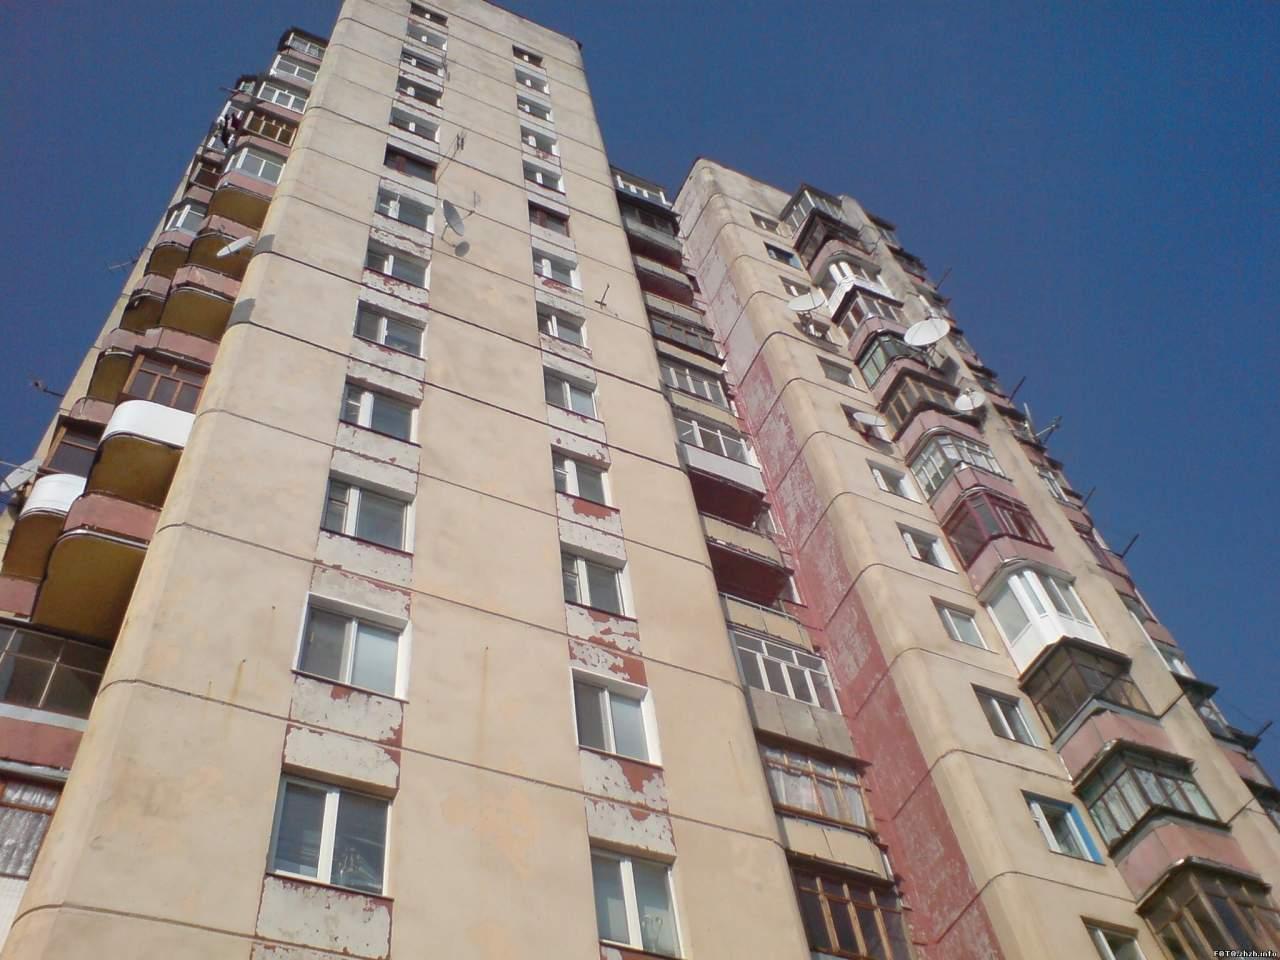 В Харькове из окна многоэтажного дома выпал мужчина